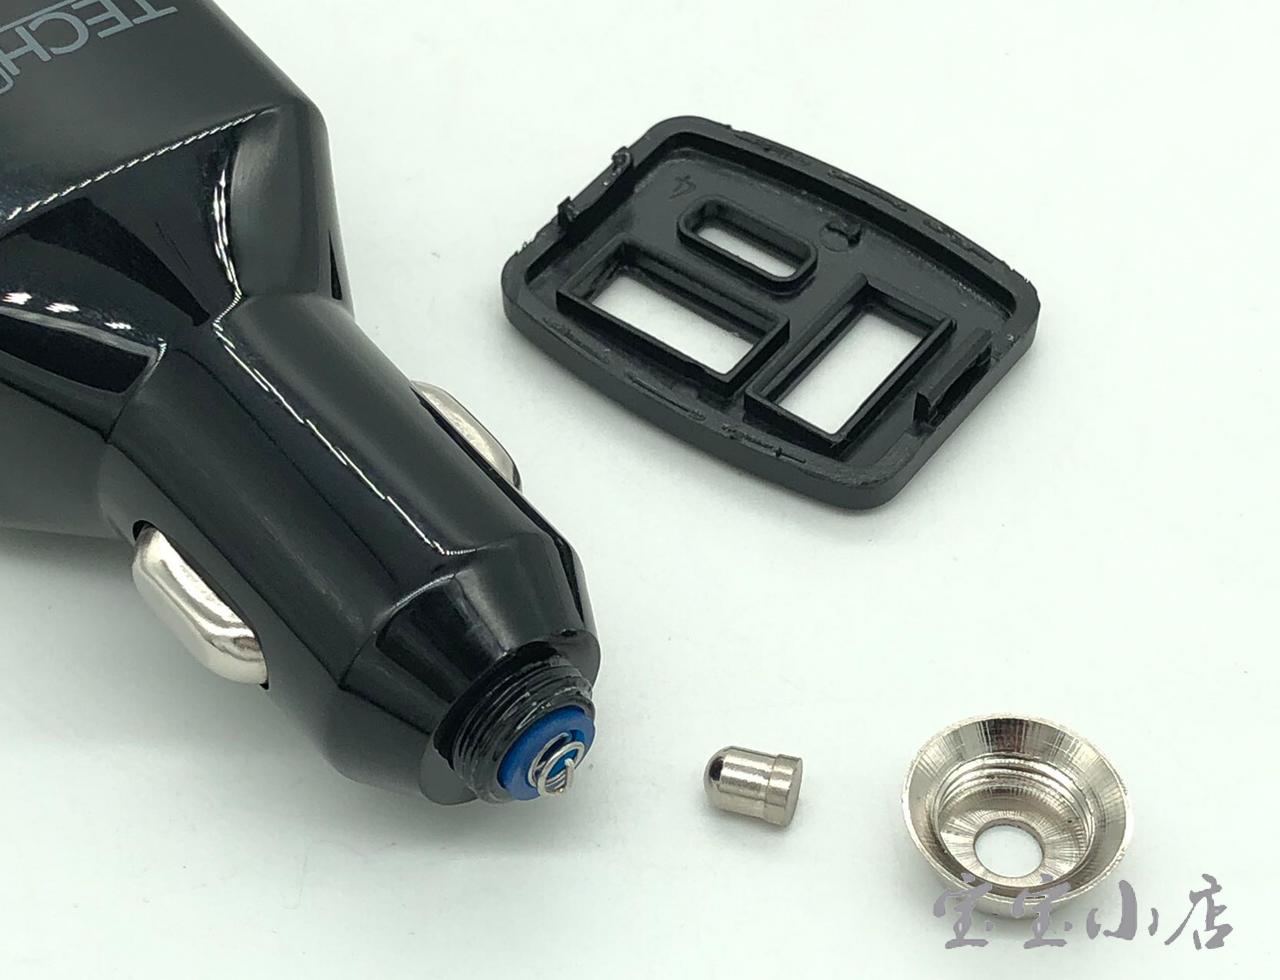 美国TechMatte汽车车载充电器点烟器车充华为苹果iphone PD一拖三 Type c QC2.0  快充头大功率TM-CHAGC-CQA